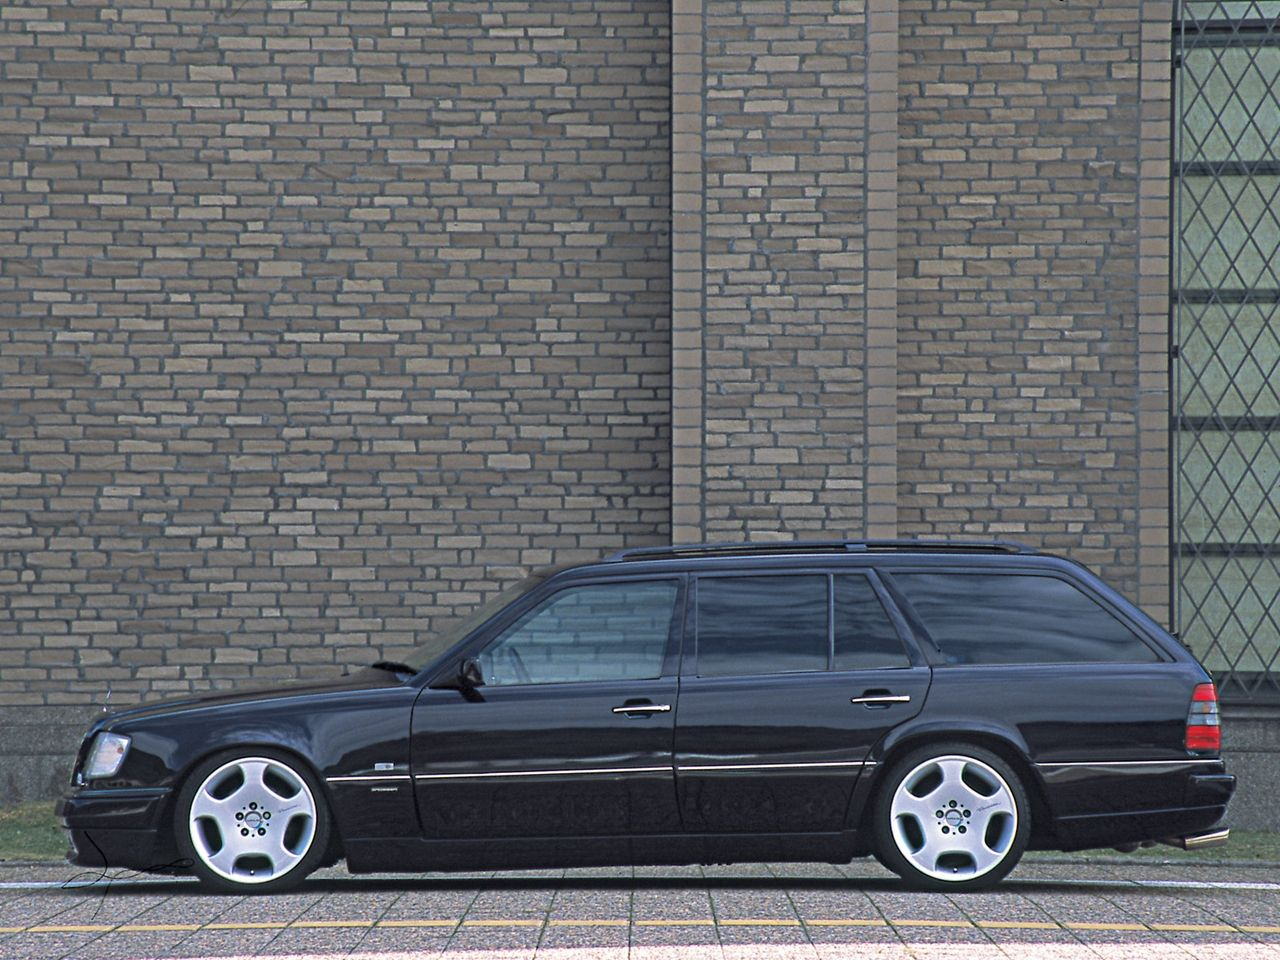 My second mercedes benz 1990 300te 4 matic mercedes benz e klasse te executive line s124 1990 s124 pinterest mercedes benz cars and wheels